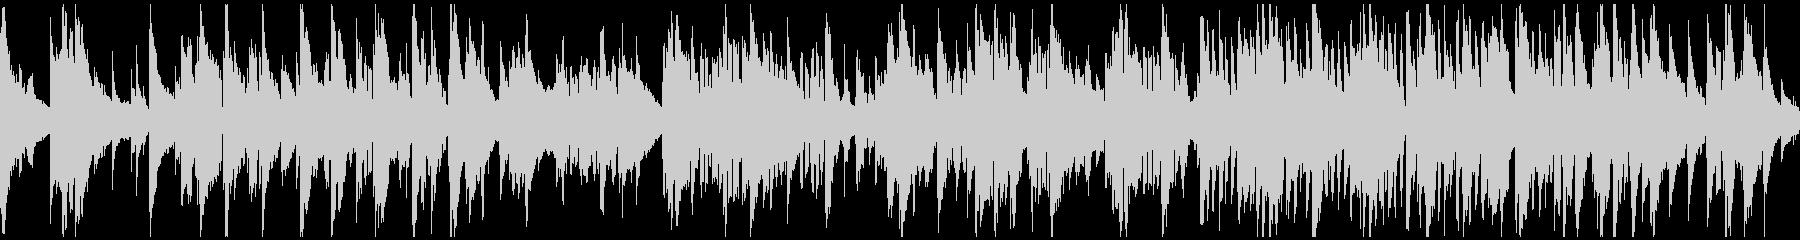 滑らかで暖かいバラード・ジャズ※ループ版の未再生の波形